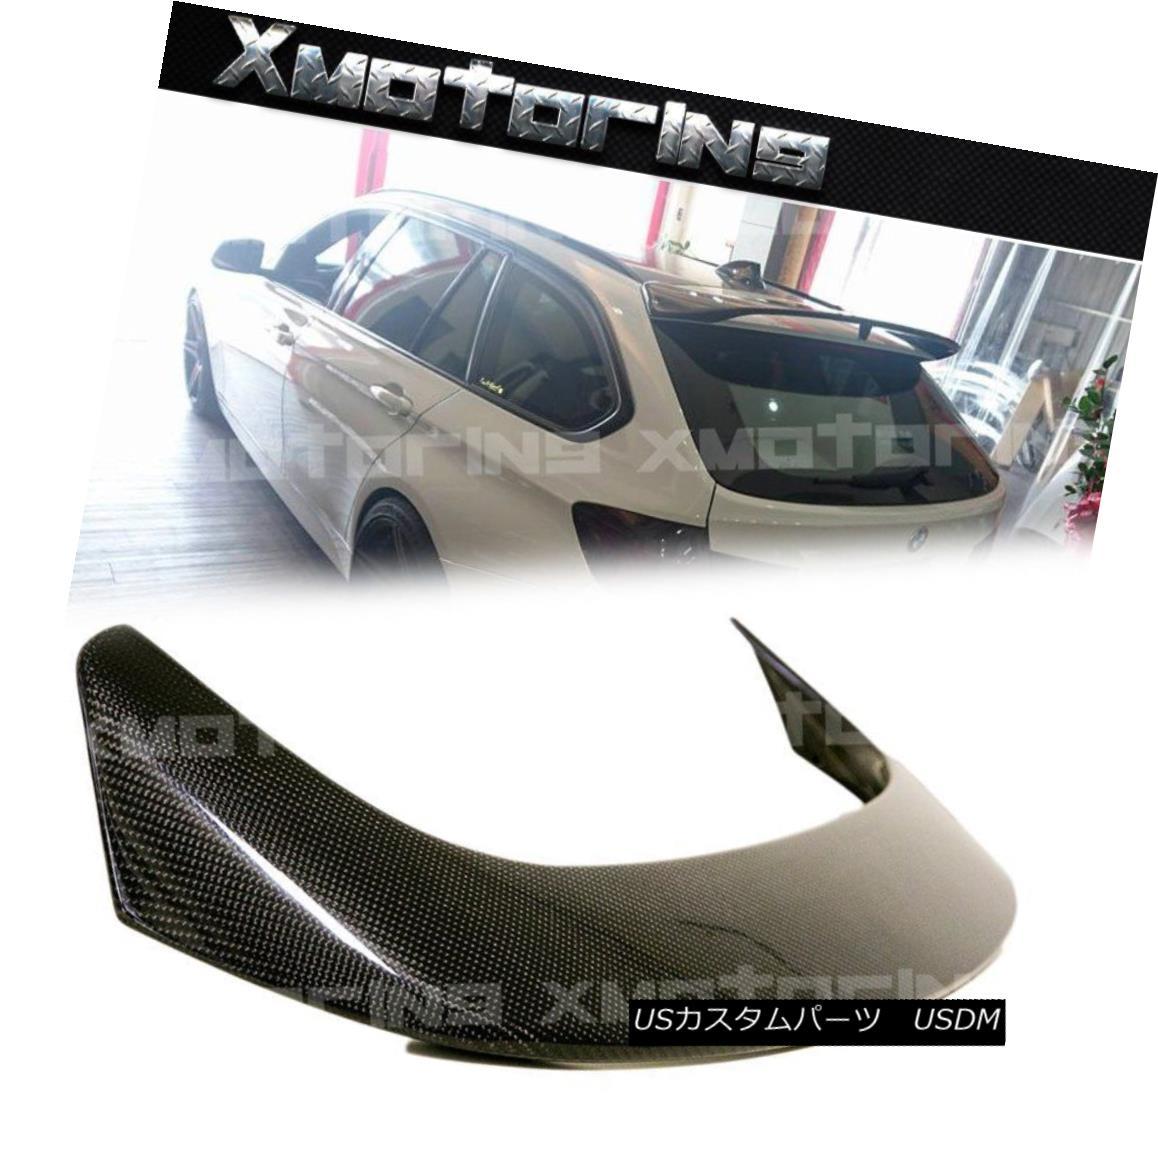 エアロパーツ P Style Carbon Fiber Window Roof Spoiler 2013-17 For BMW F31 3-Series Wagon 5DR Pスタイルカーボンファイバーウインドルーフスポイラー2013-17 BMW F31用3シリーズワゴン5DR用